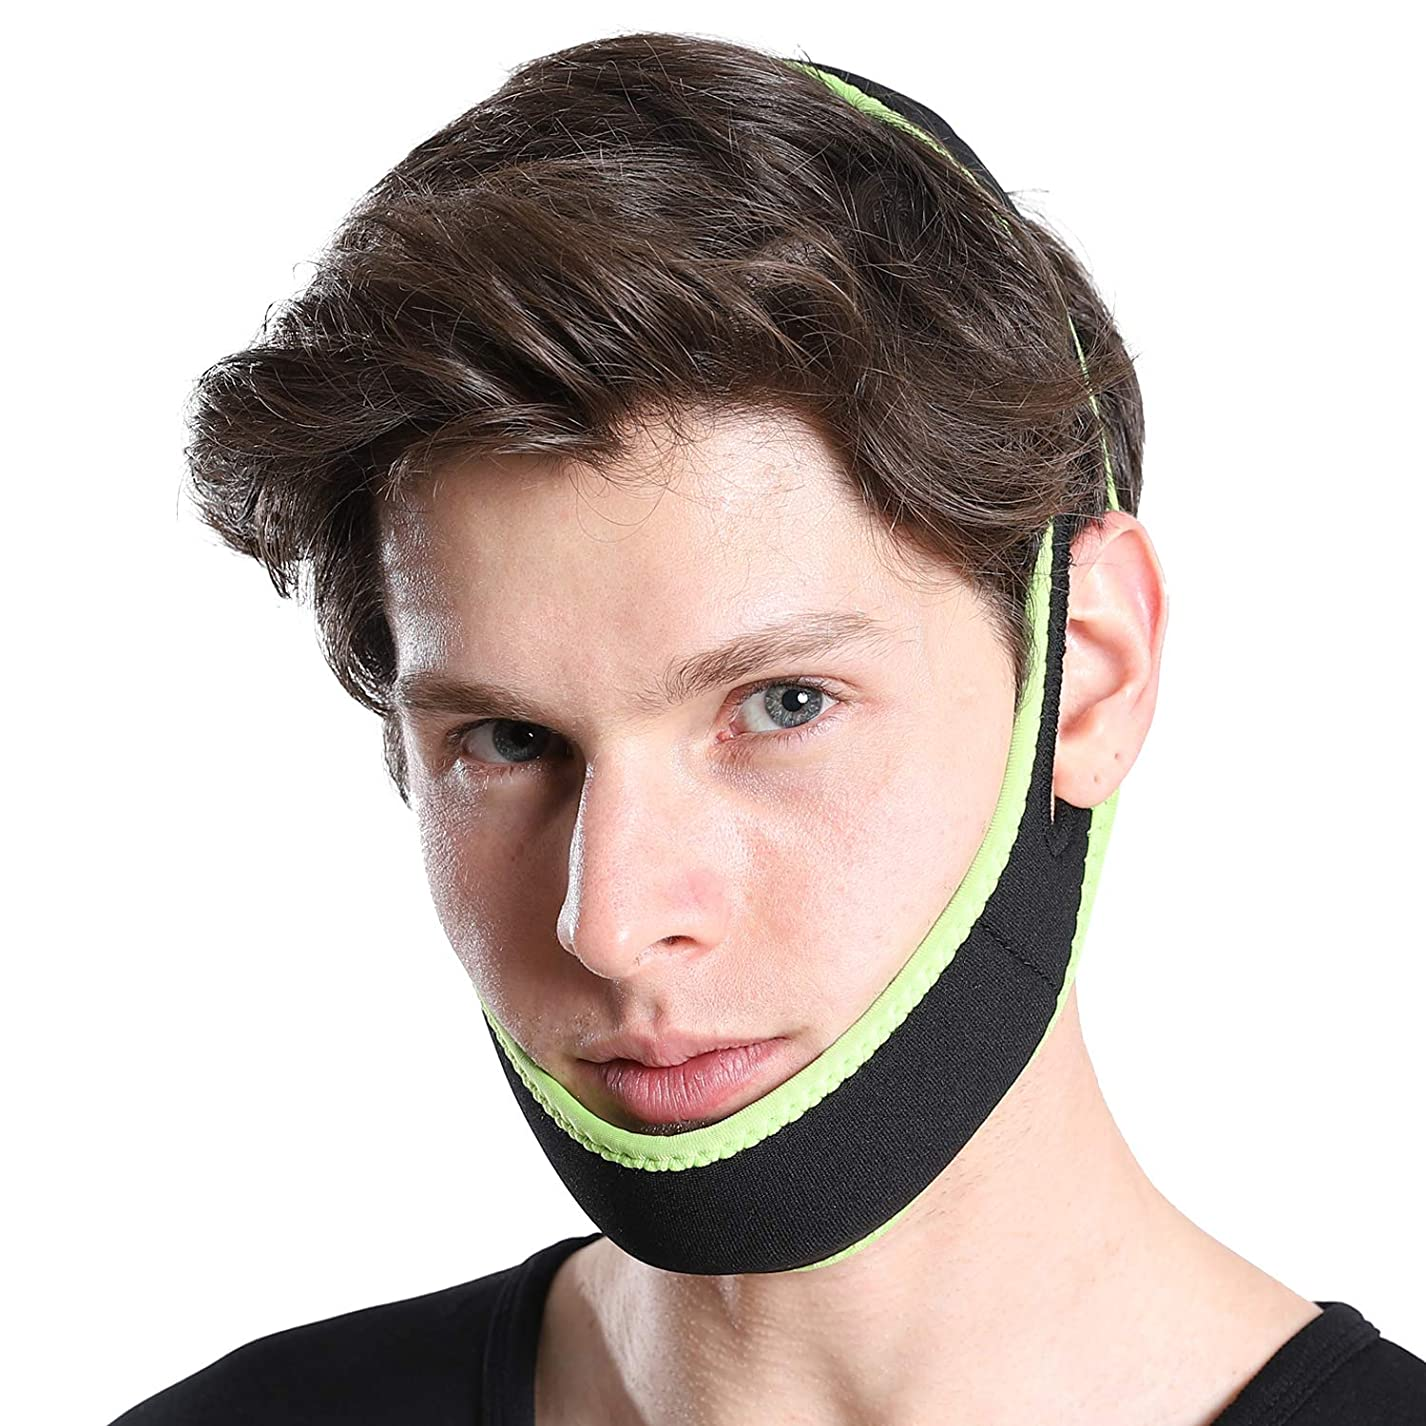 いたずら餌登録ELPIRKA 小顔マスク メンズ ゲルマニウムチタン 配合で 顔痩せ 小顔 リフトアップ!